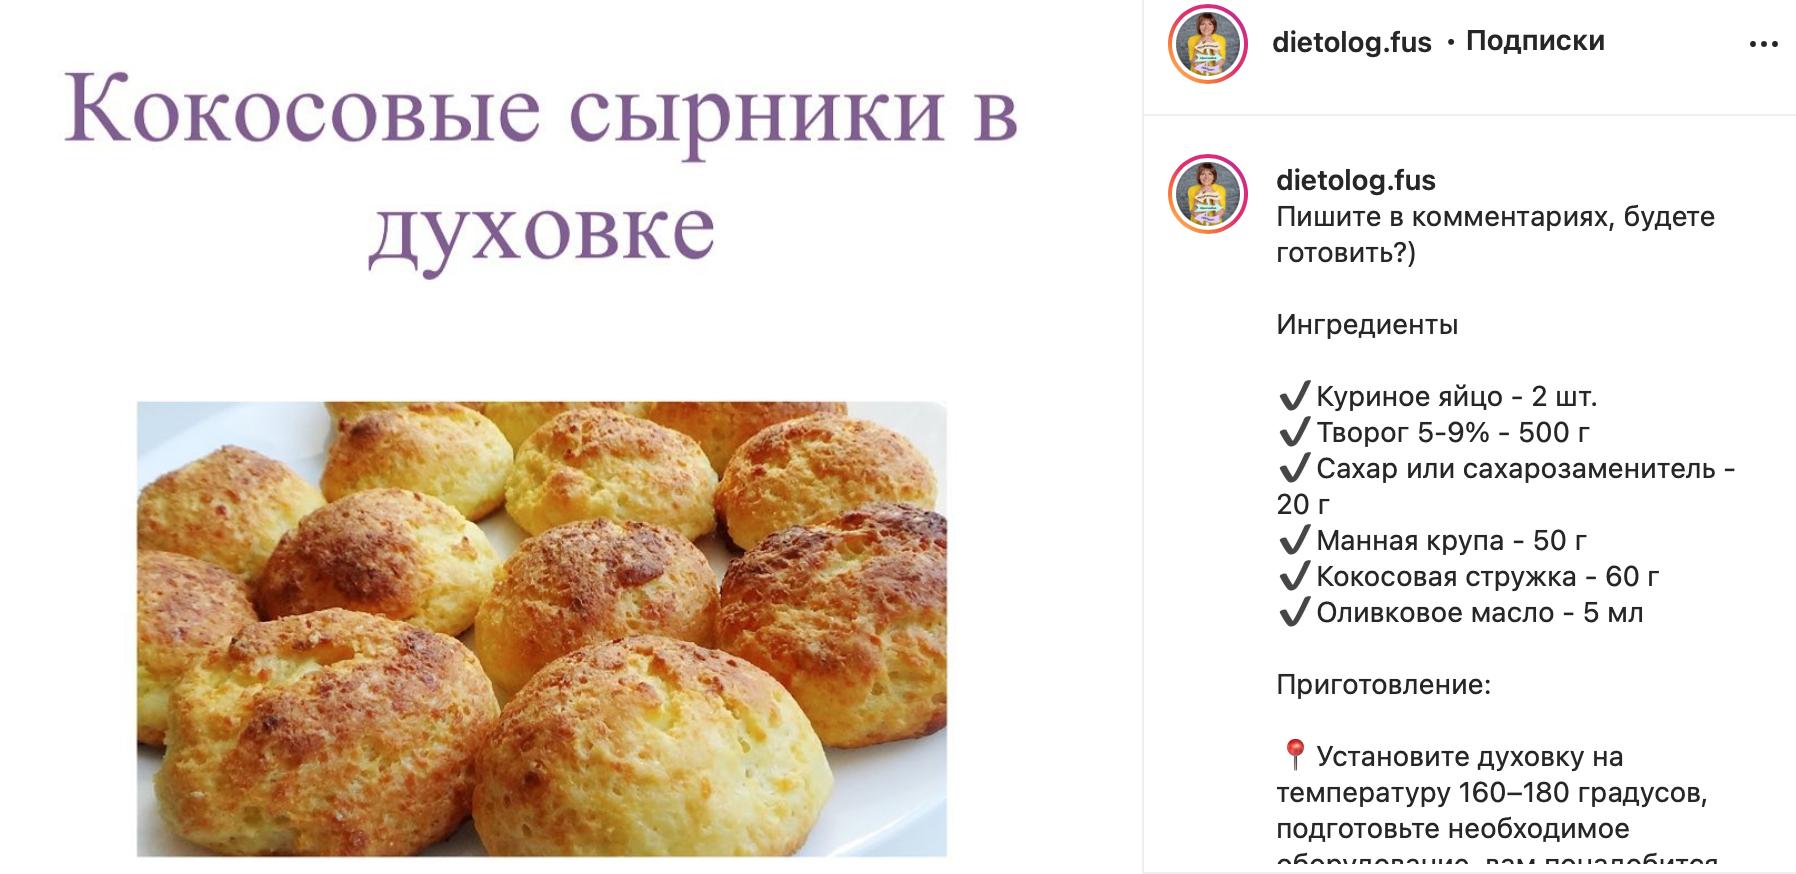 Рецепт від Світлани Фус